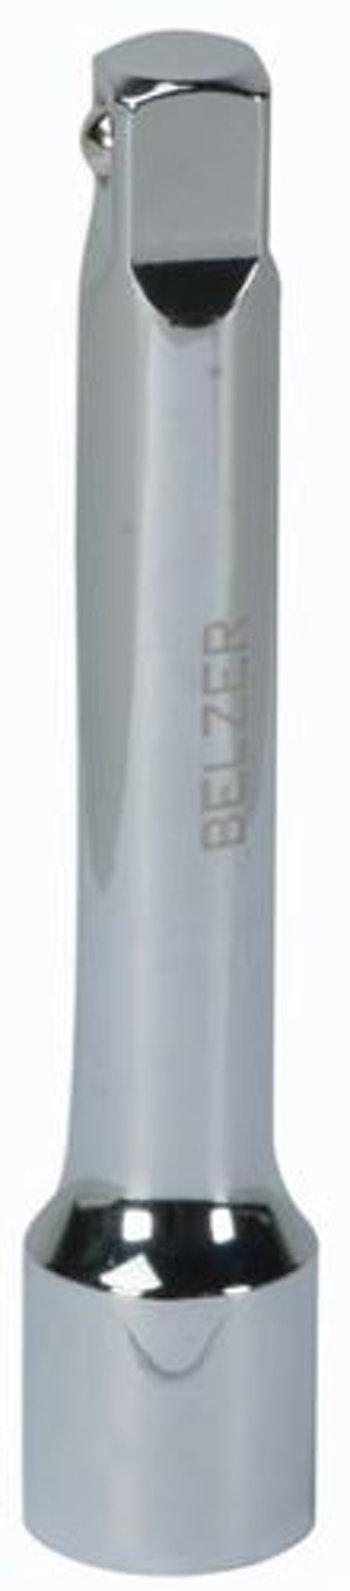 """Extensão 1/2"""" - Belzer - 204956BBR - Unitário"""